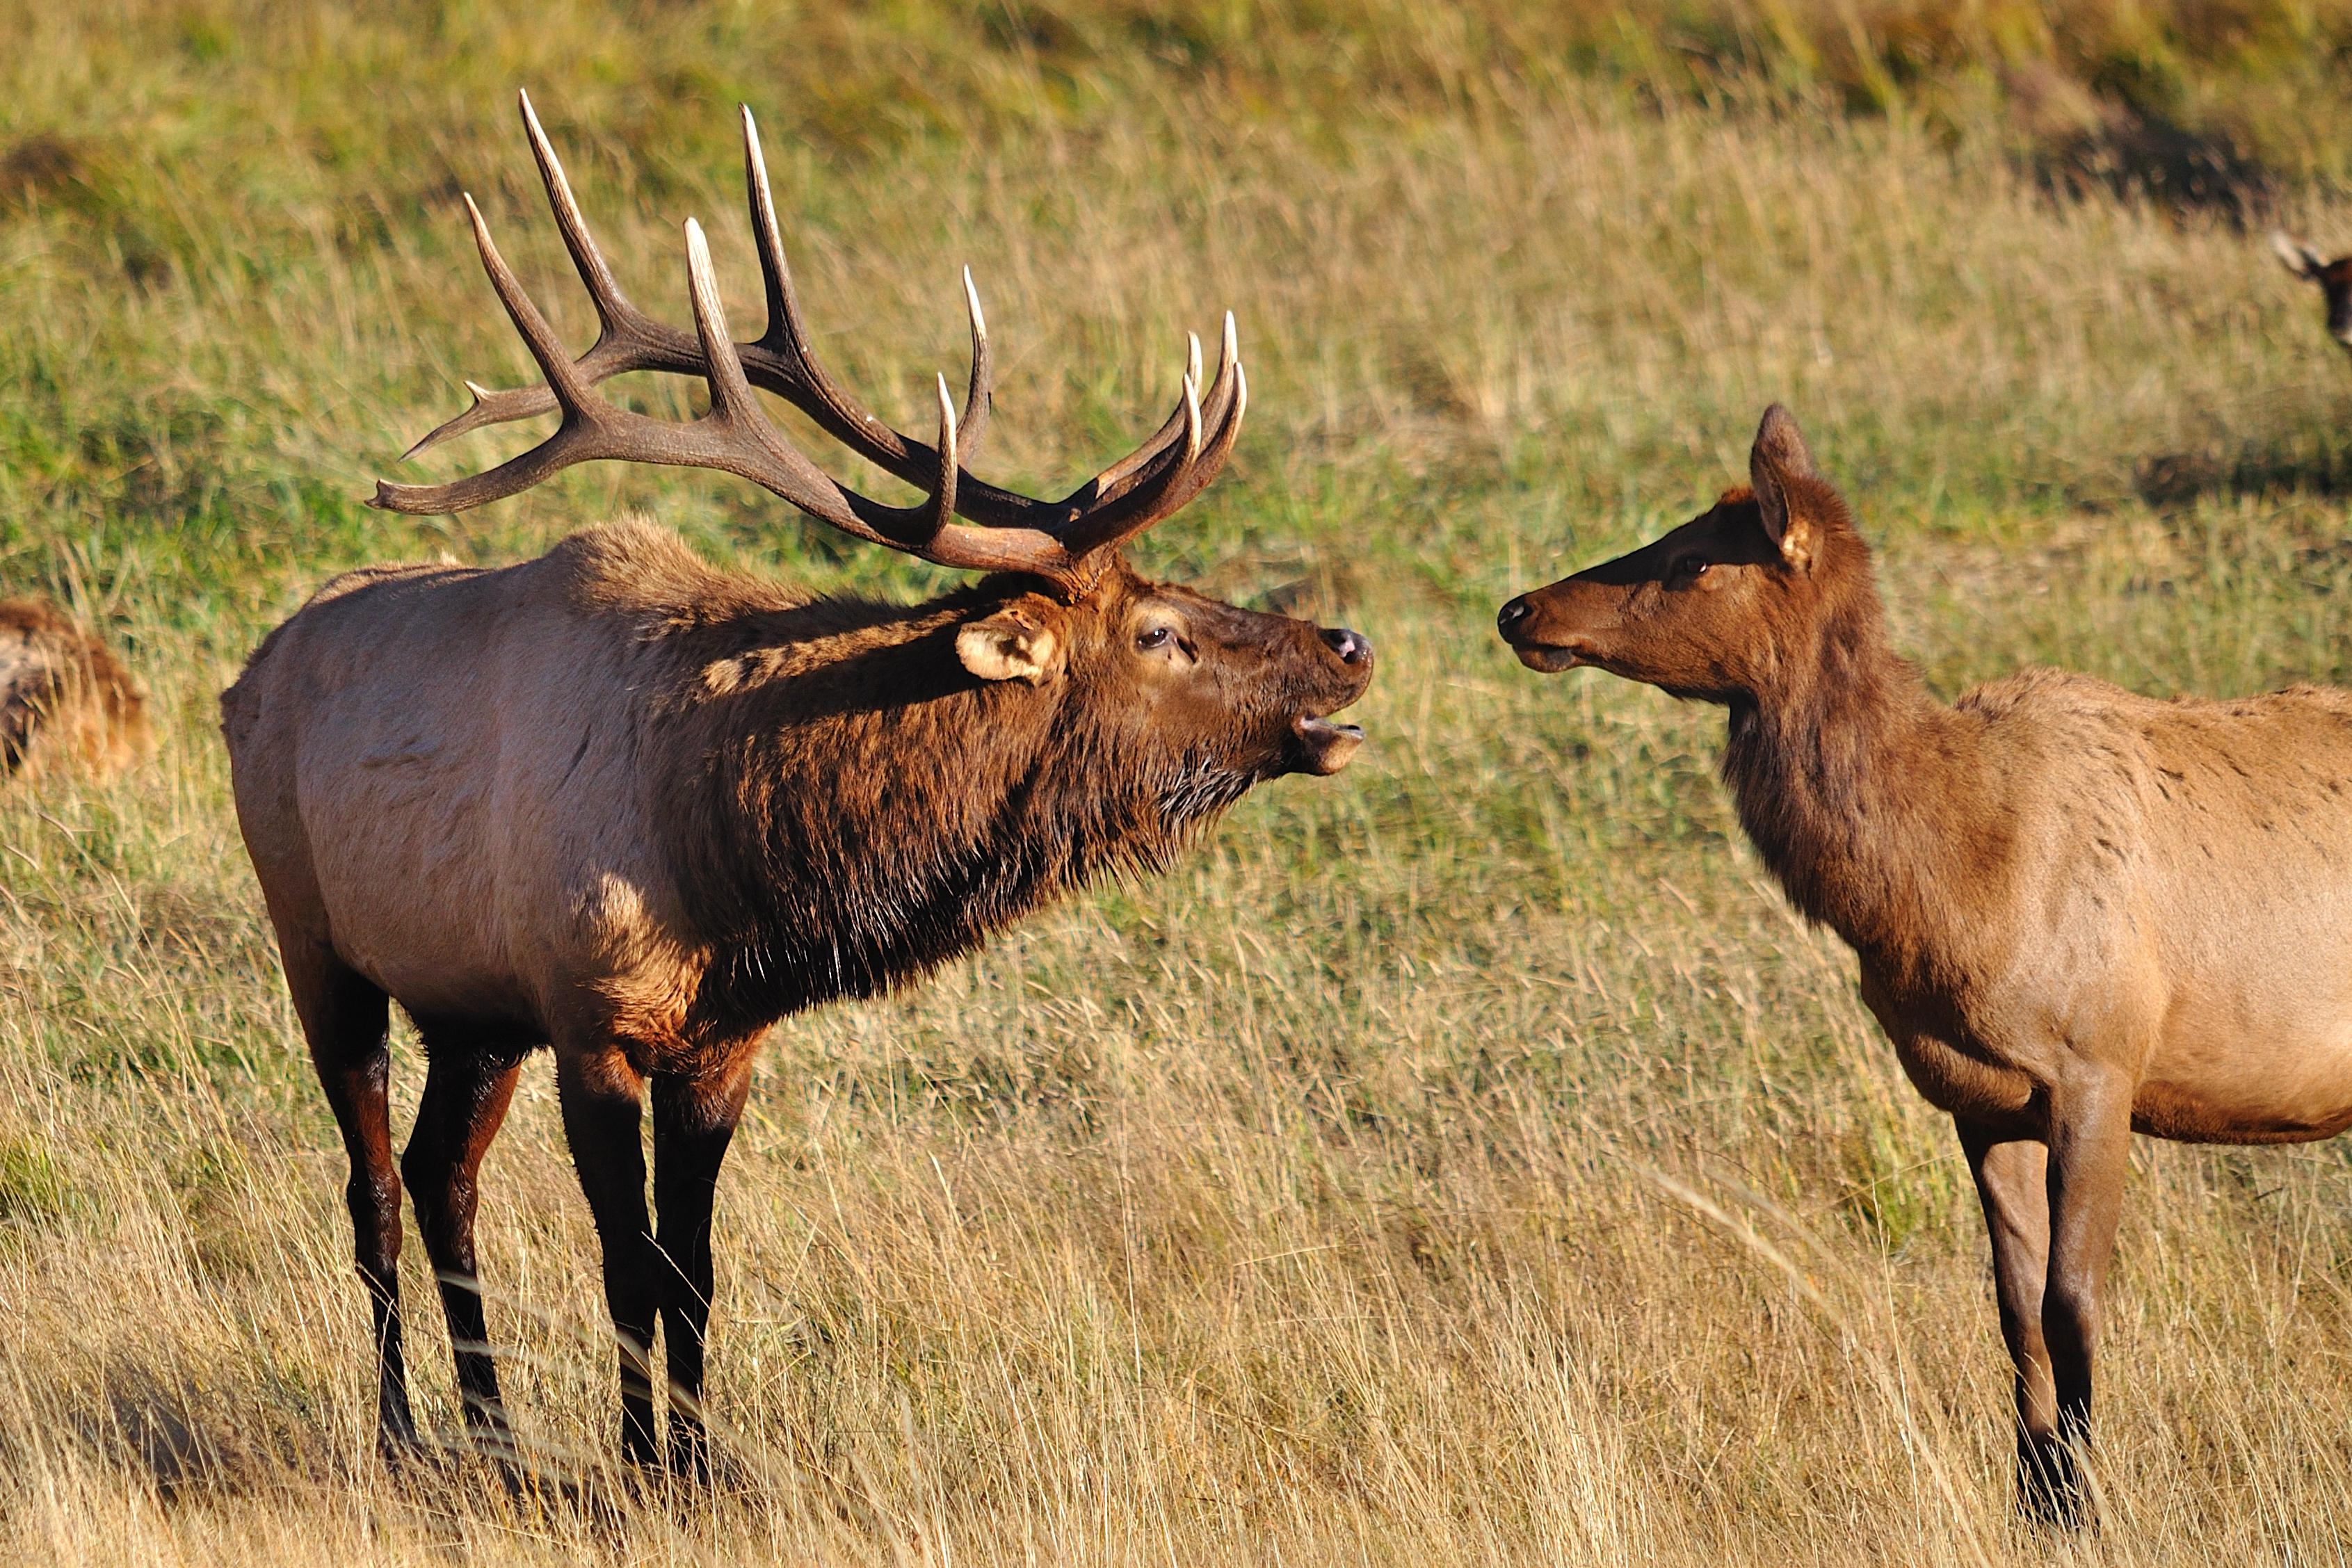 An elk bull bugling at an elk cow